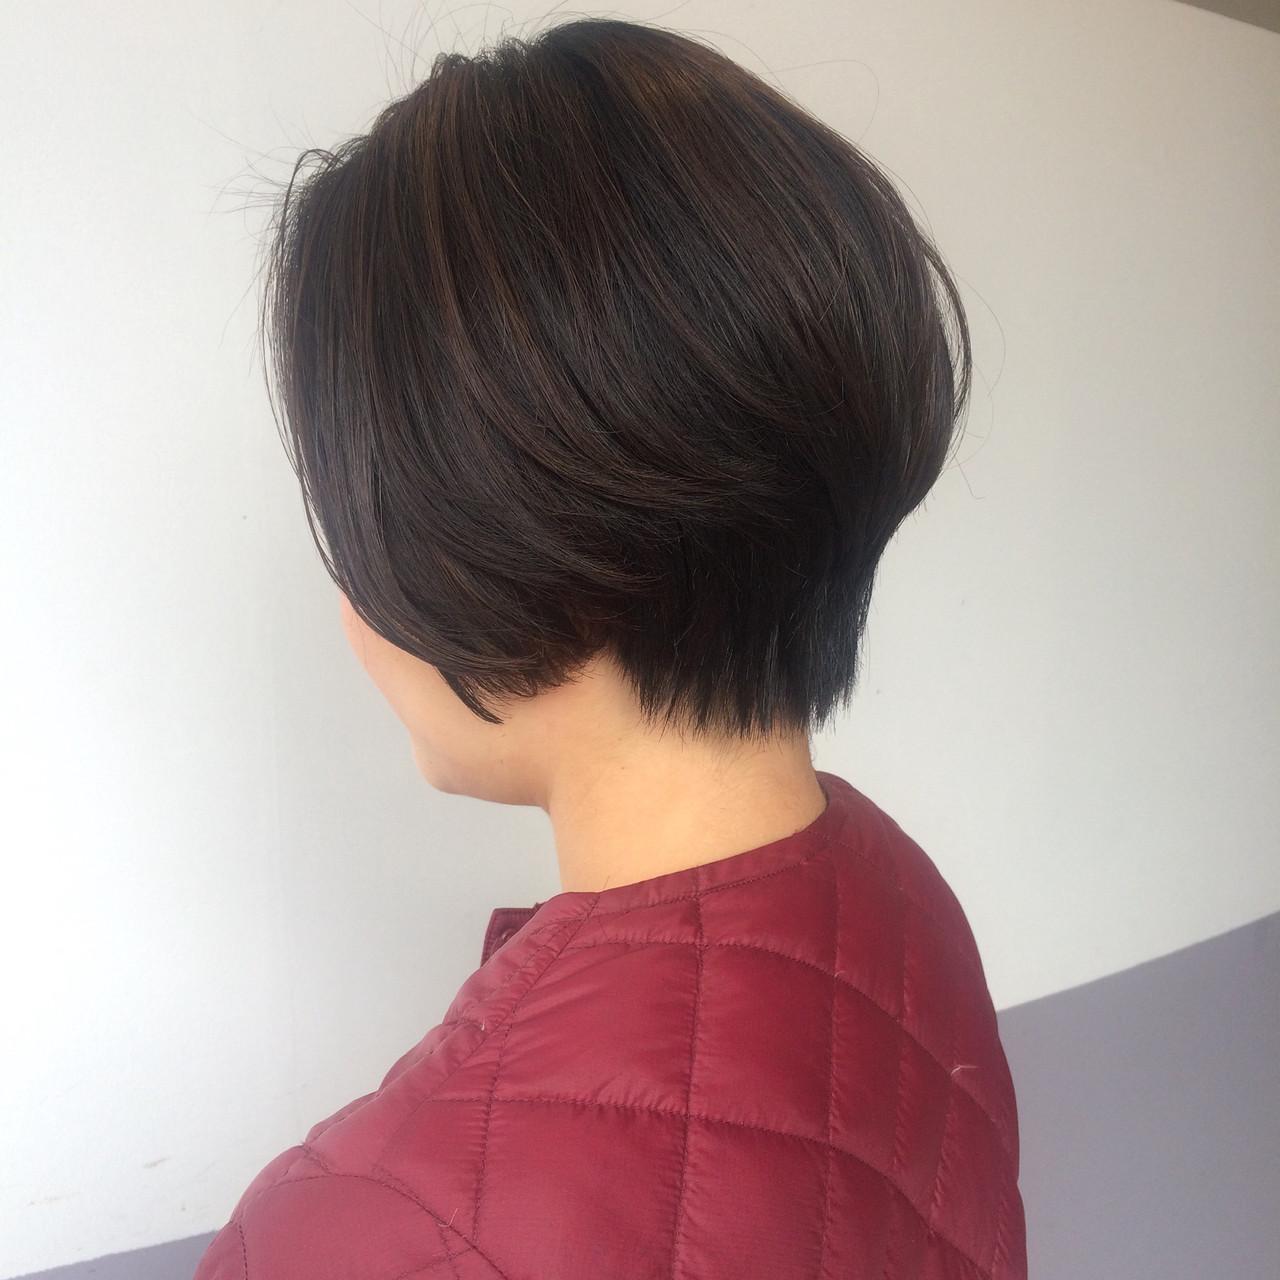 アンニュイほつれヘア ヘアアレンジ デート ショート ヘアスタイルや髪型の写真・画像 | マスダ トシエ / lafit